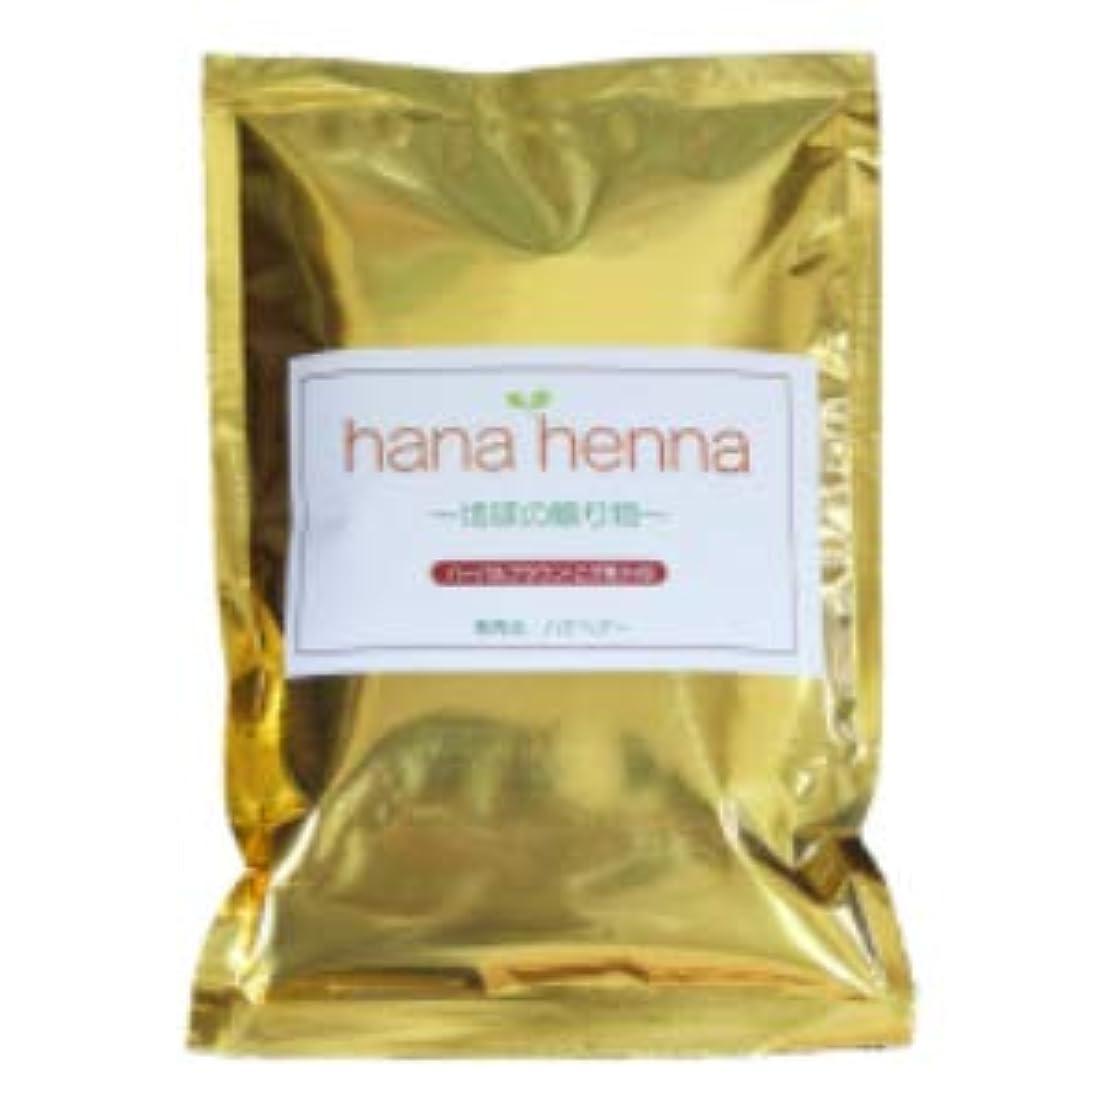 悲劇こっそりゴミ箱?hana henna?ハナヘナ ハーバルブラウン(こげ茶) (100g)